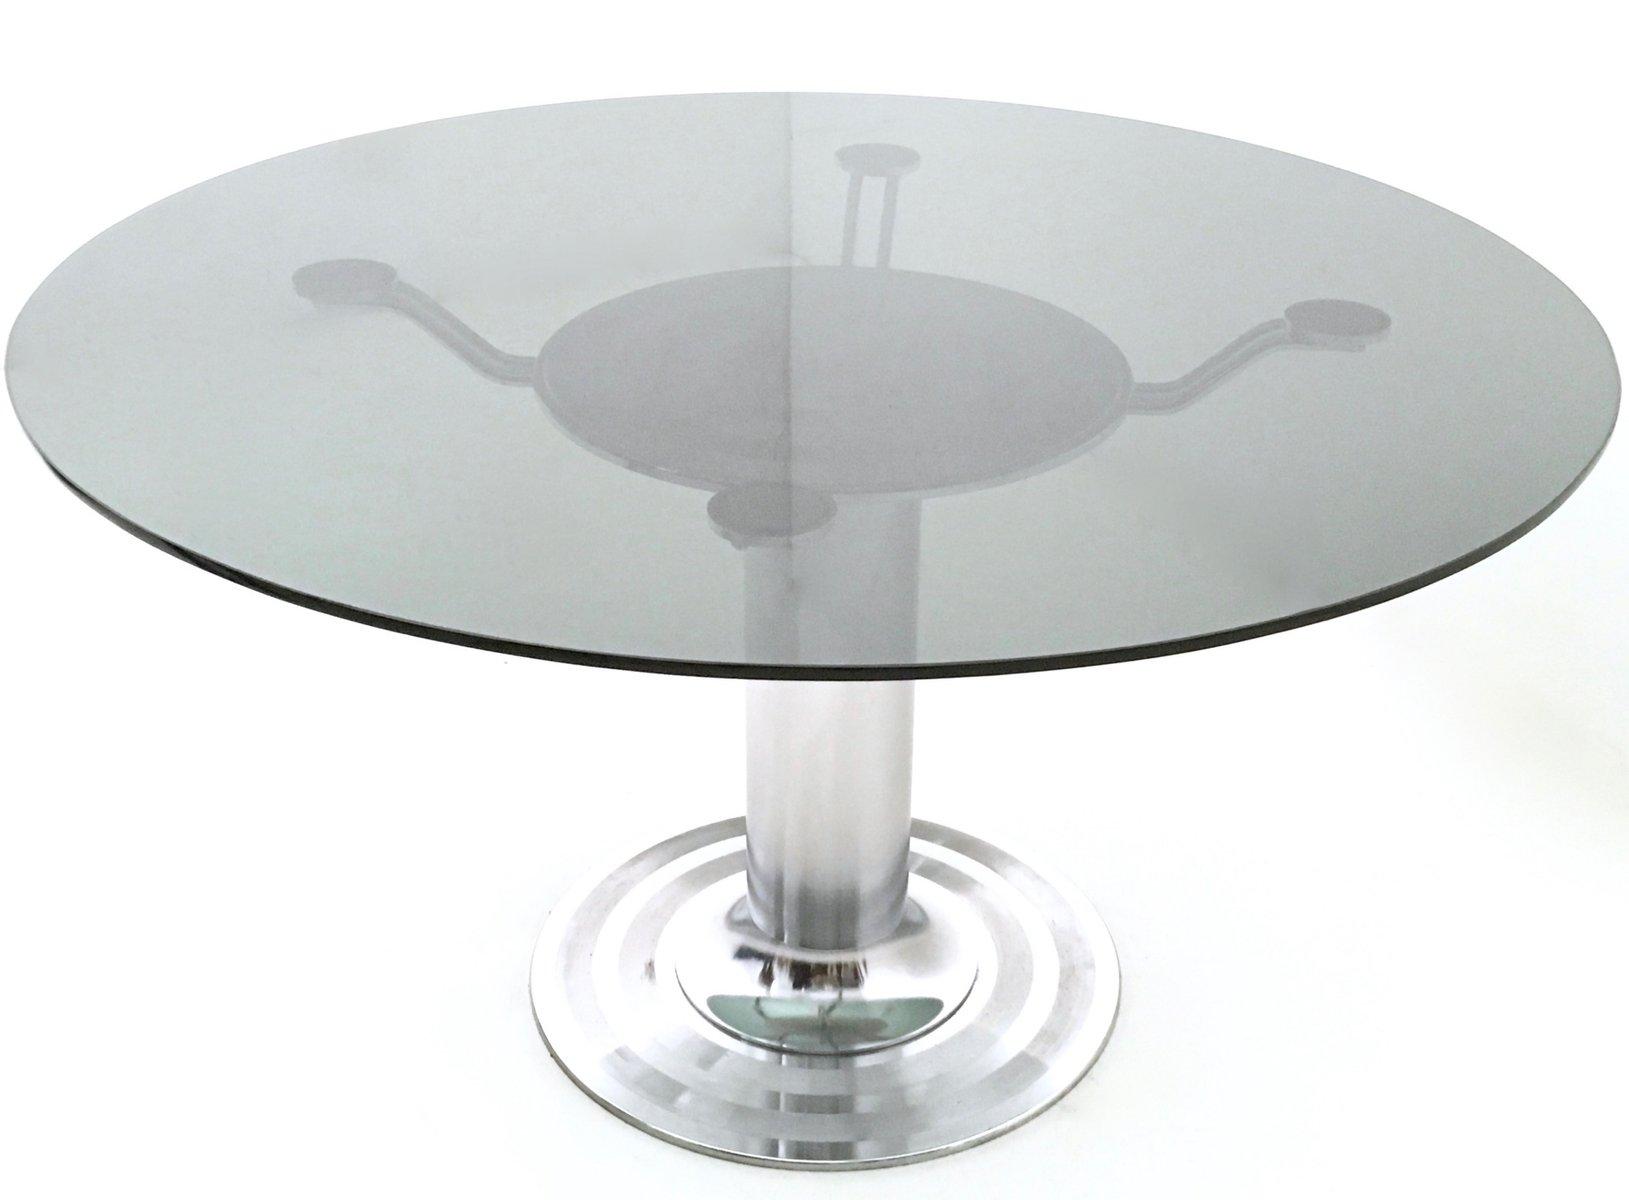 Runder Esstisch aus Verchromtem Metall & Glas, 1970er